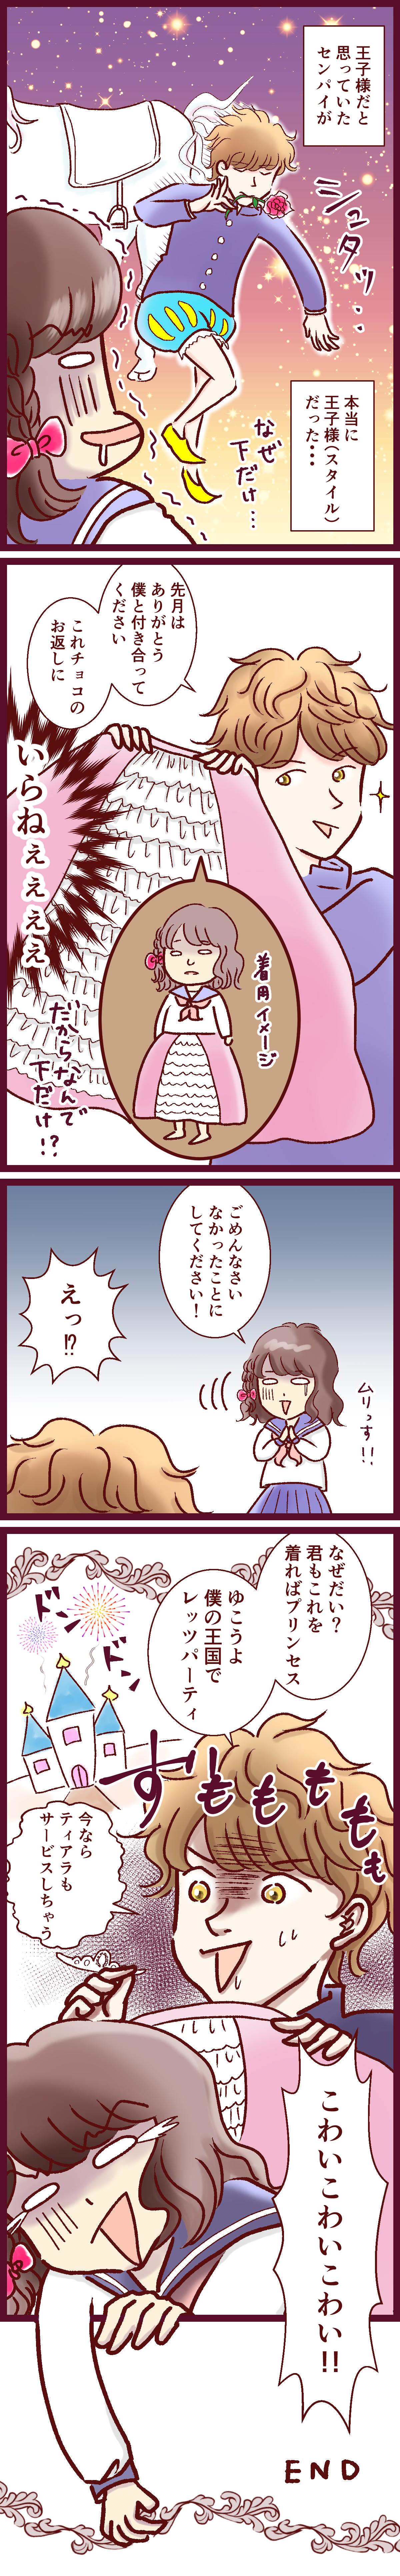 漫画ホワイトデー1